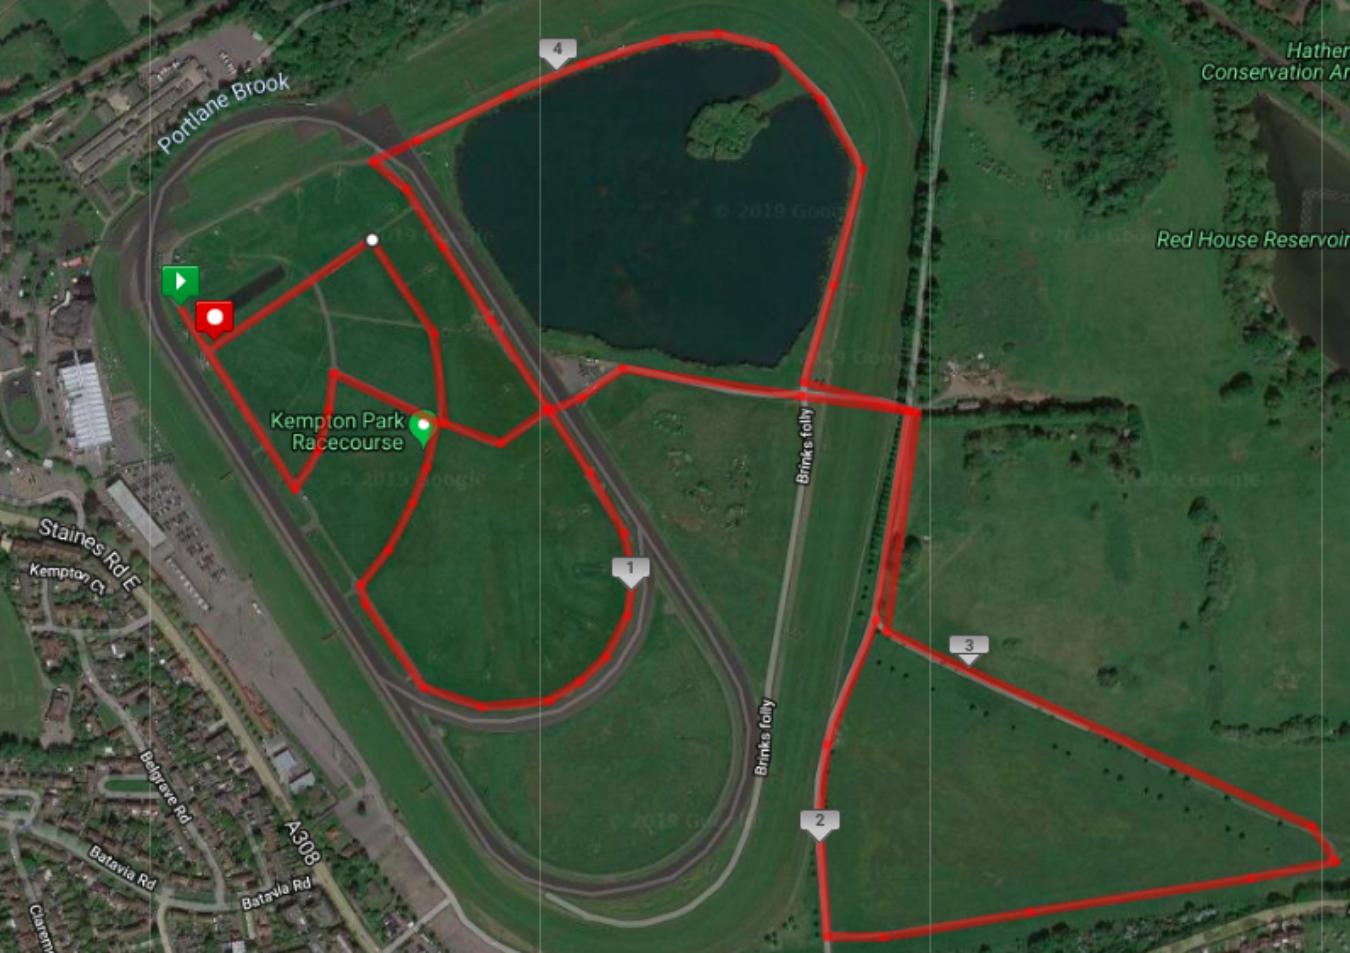 Kempton Park Racecourse Race Route V1